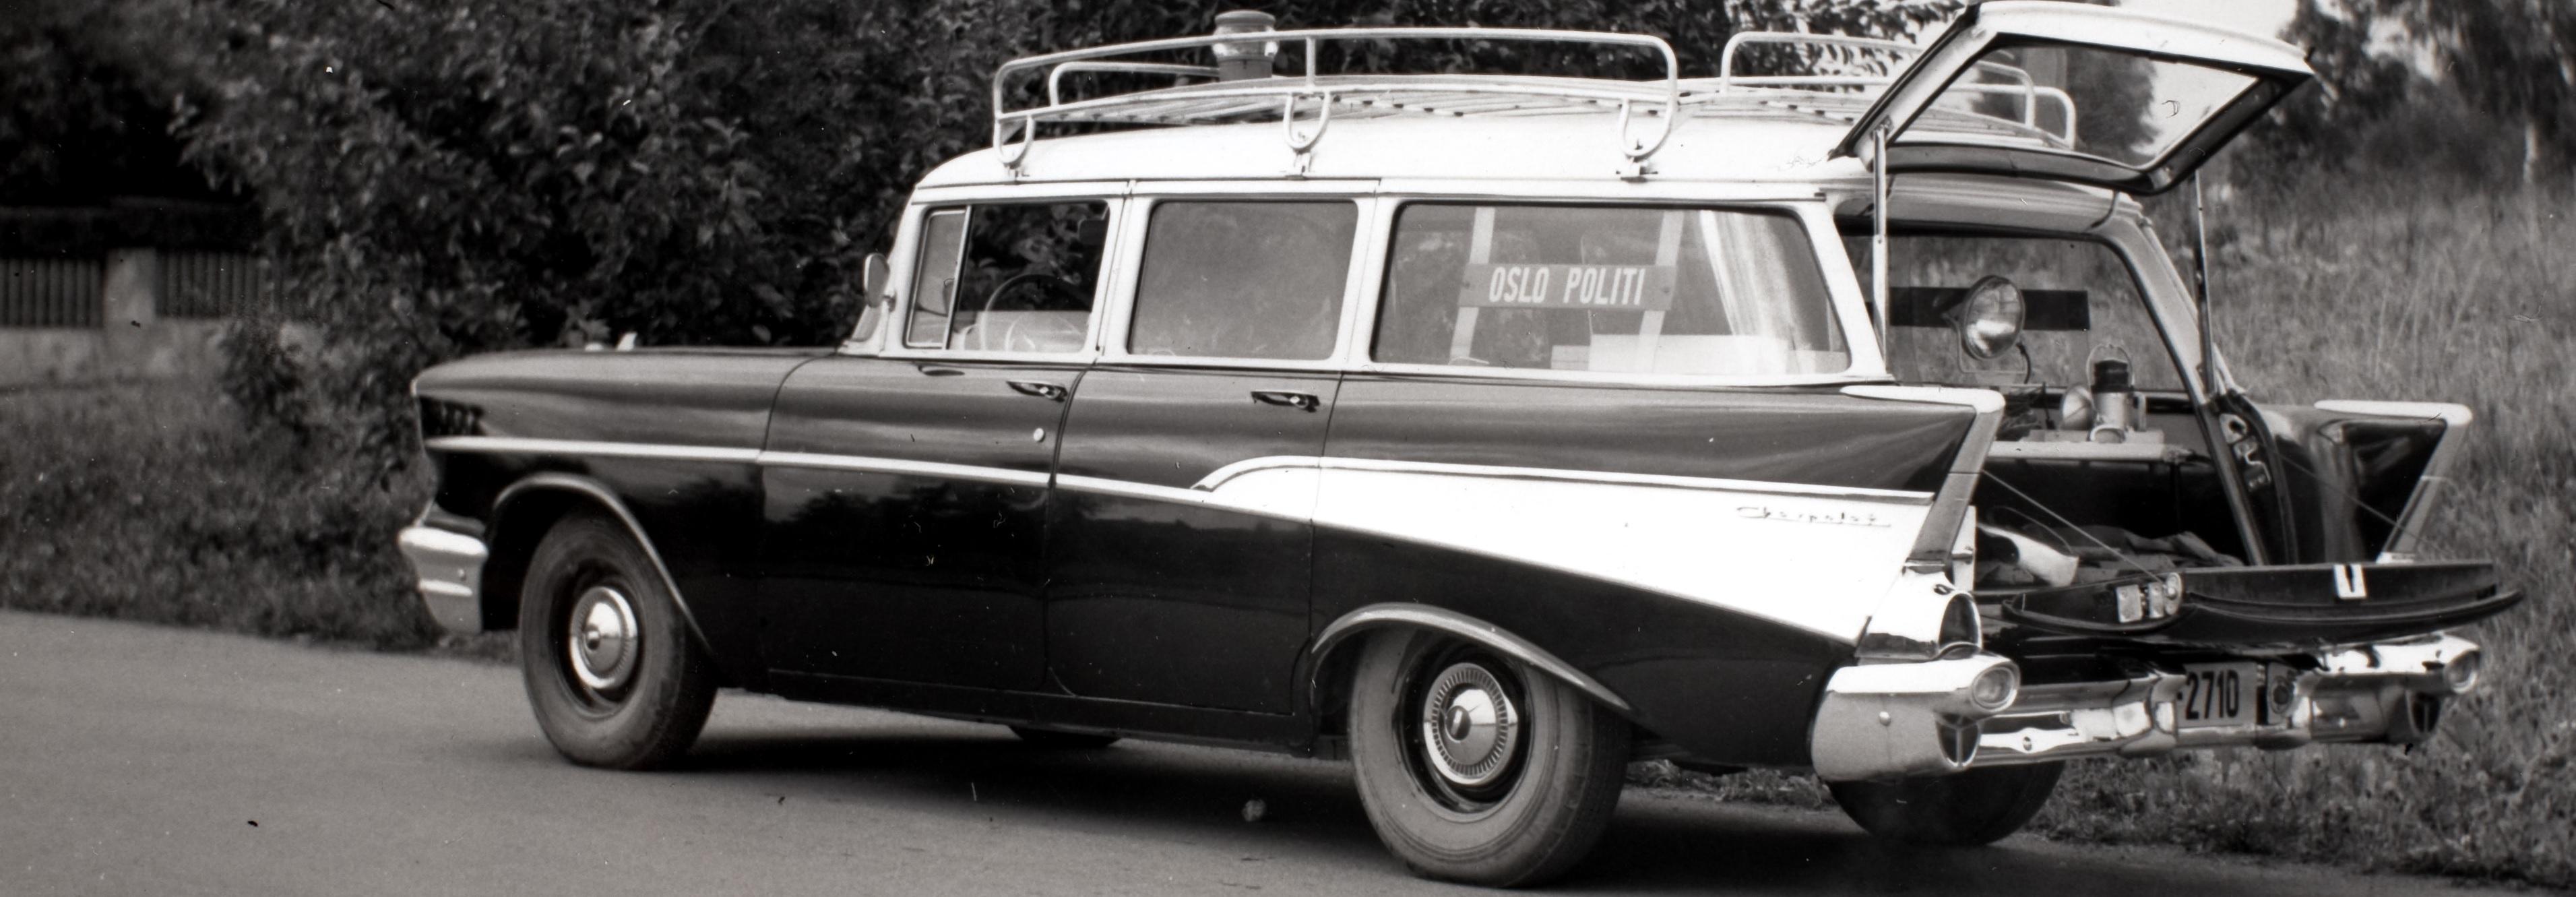 Tjenestebil-1957-Chevrolet-210-Station-Wagon-Bel-Air-Oslo-pkm-Karusell